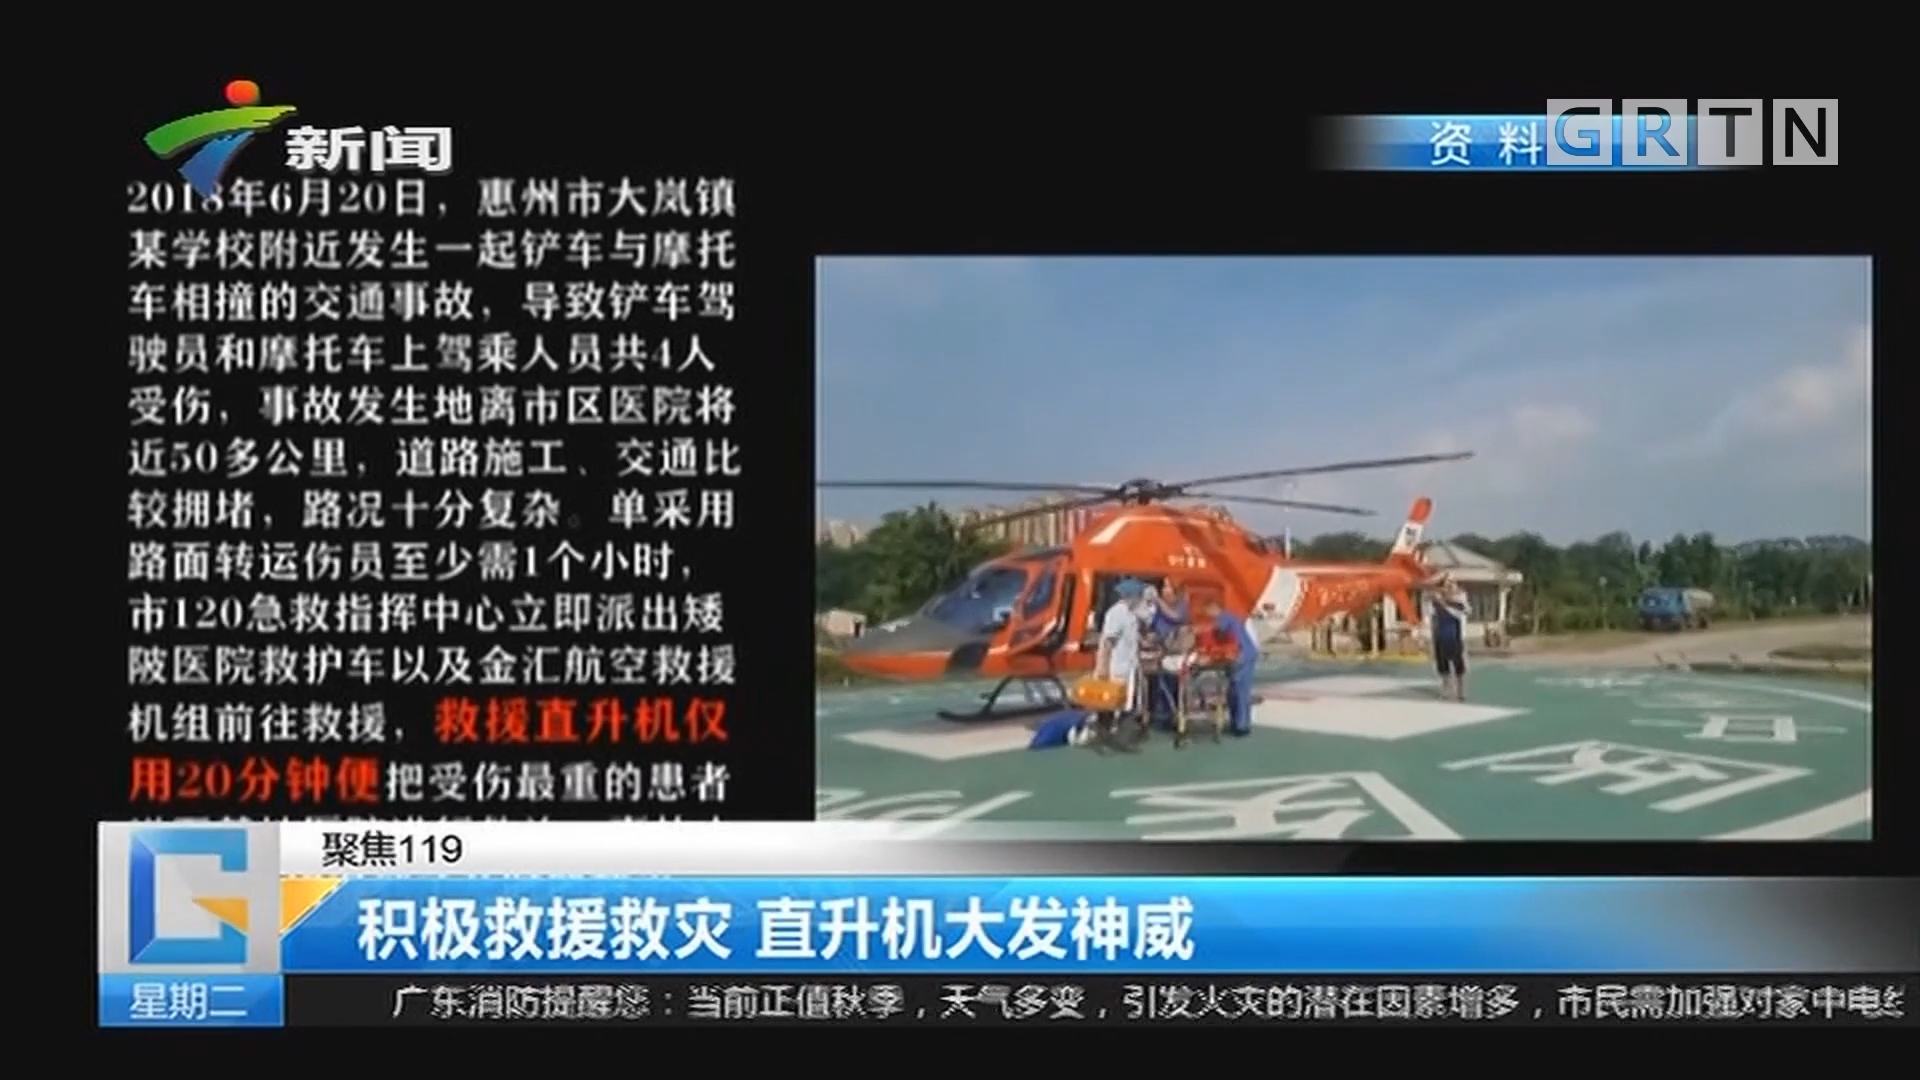 (聚焦119)积极救援救灾 直升机大发神威